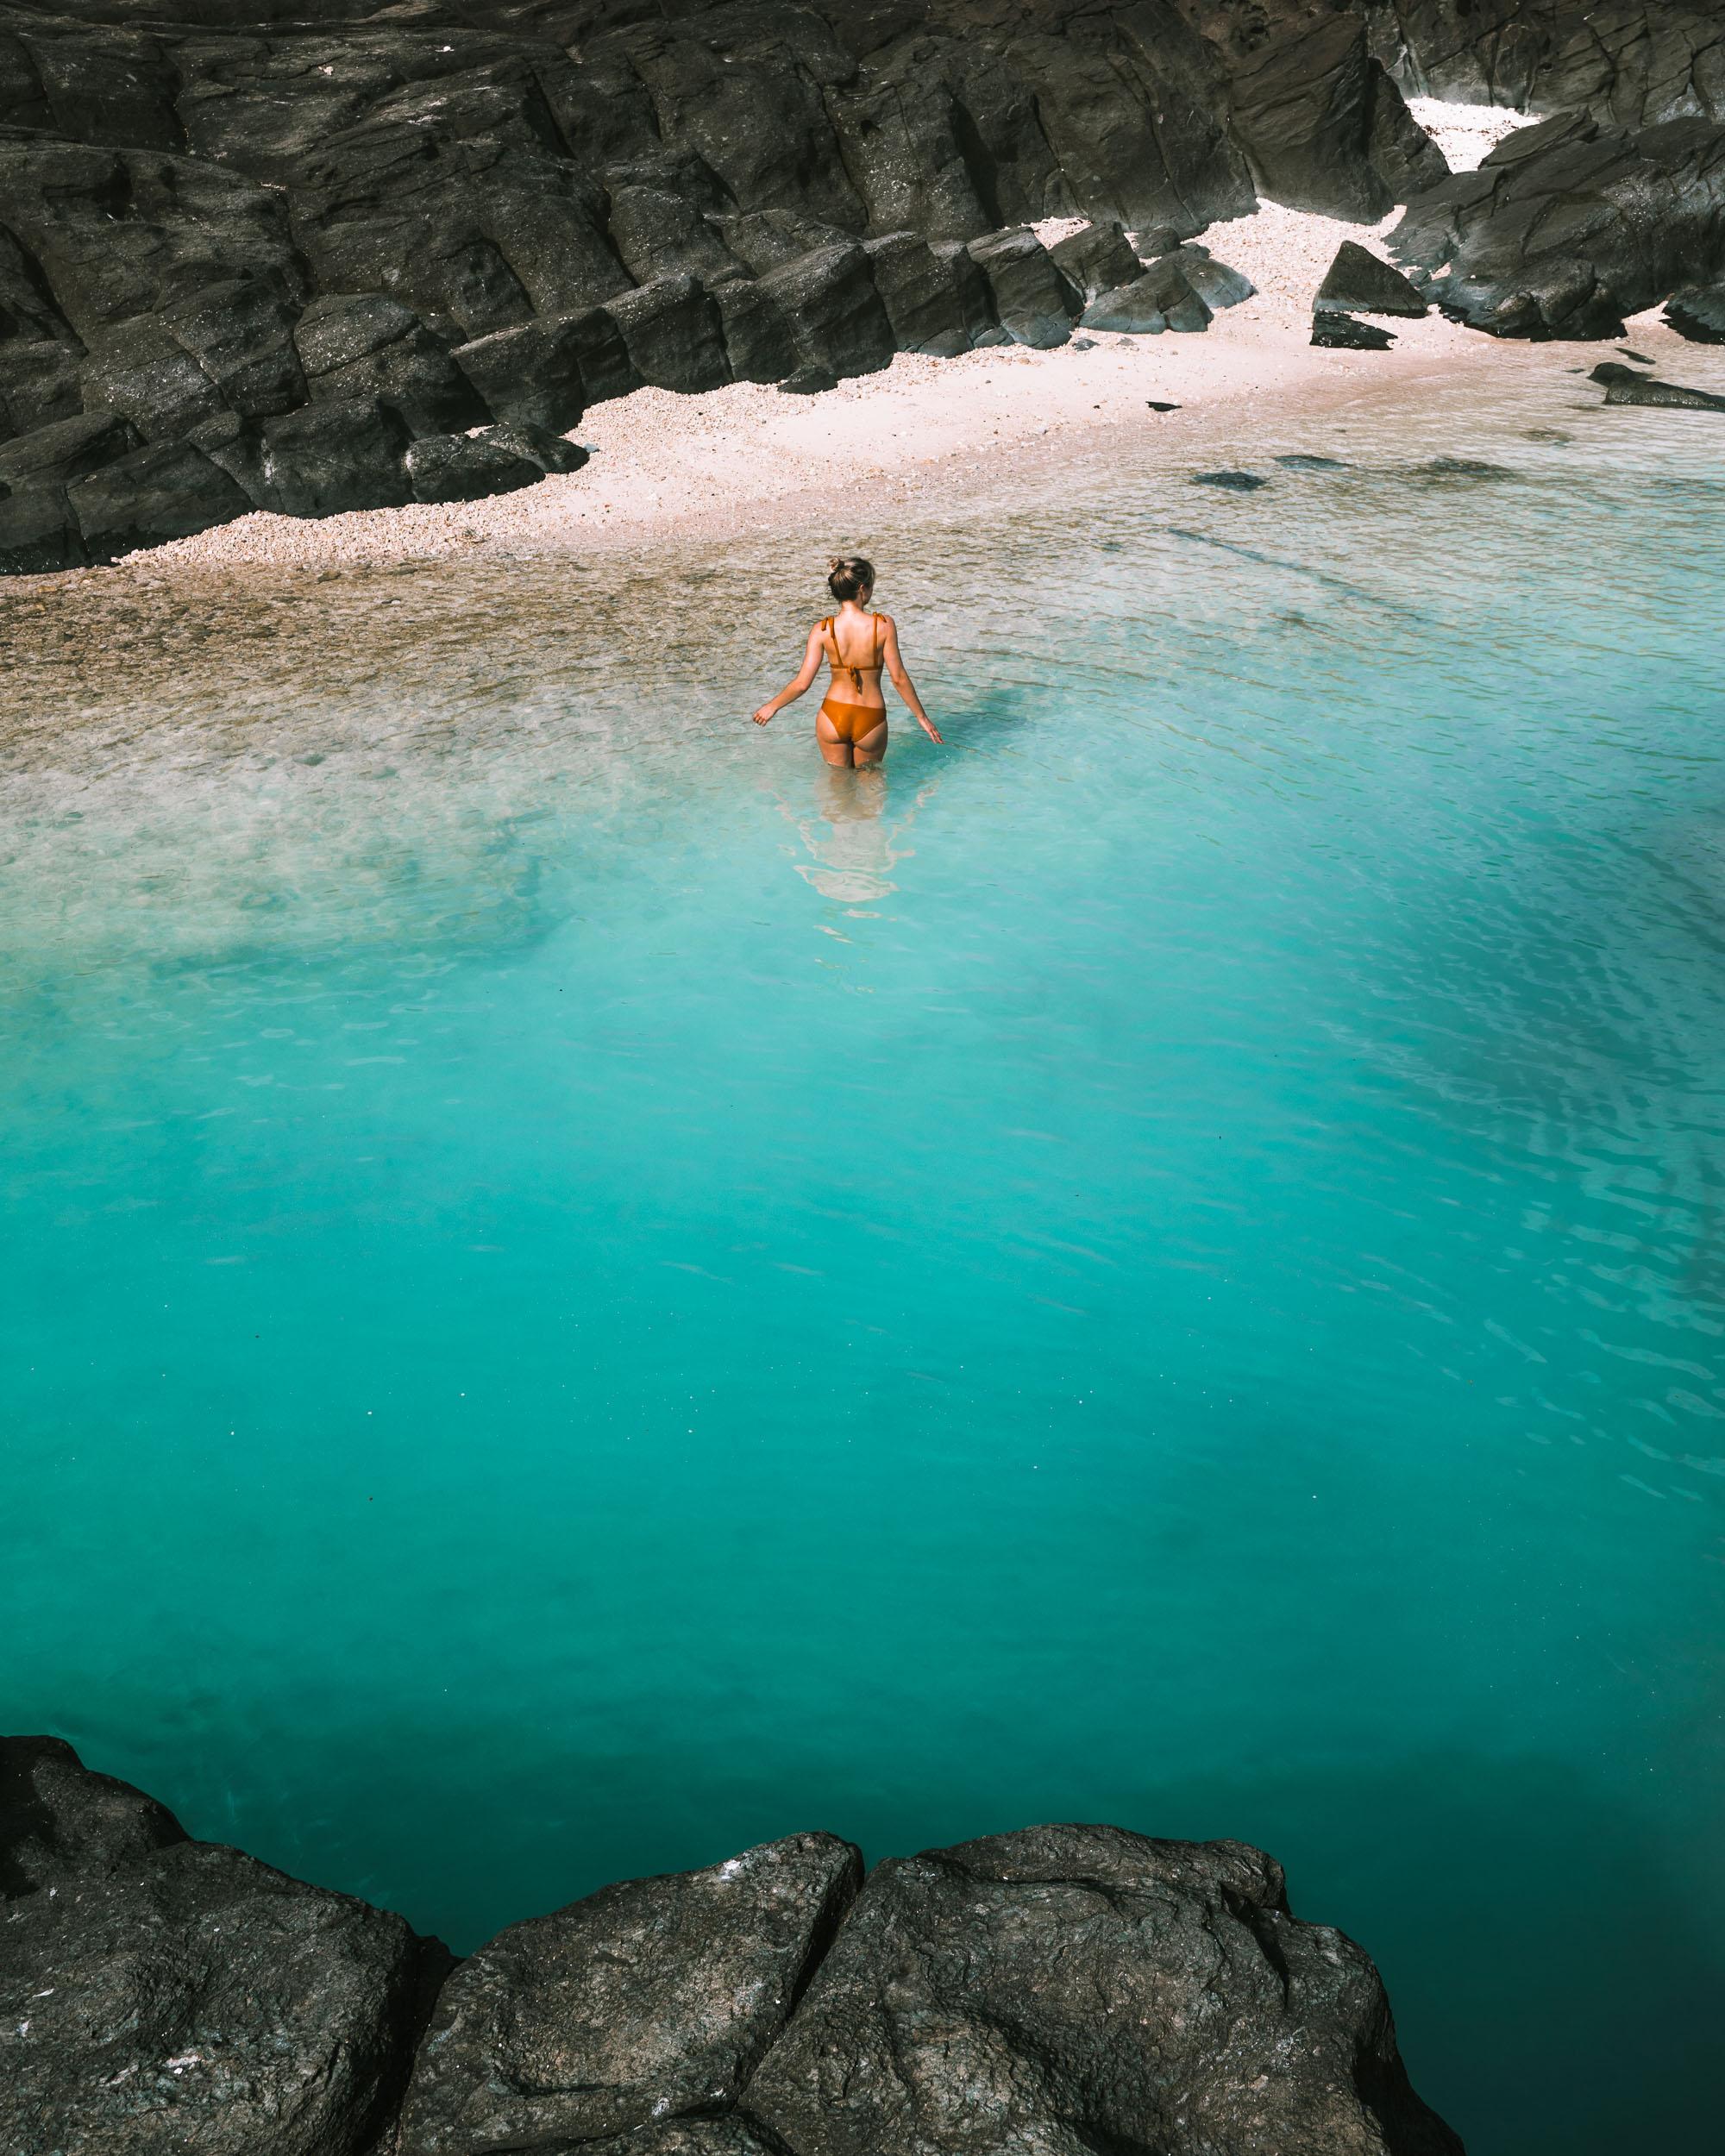 Swimming at black rock beach in Rarotonga, Cook Islands